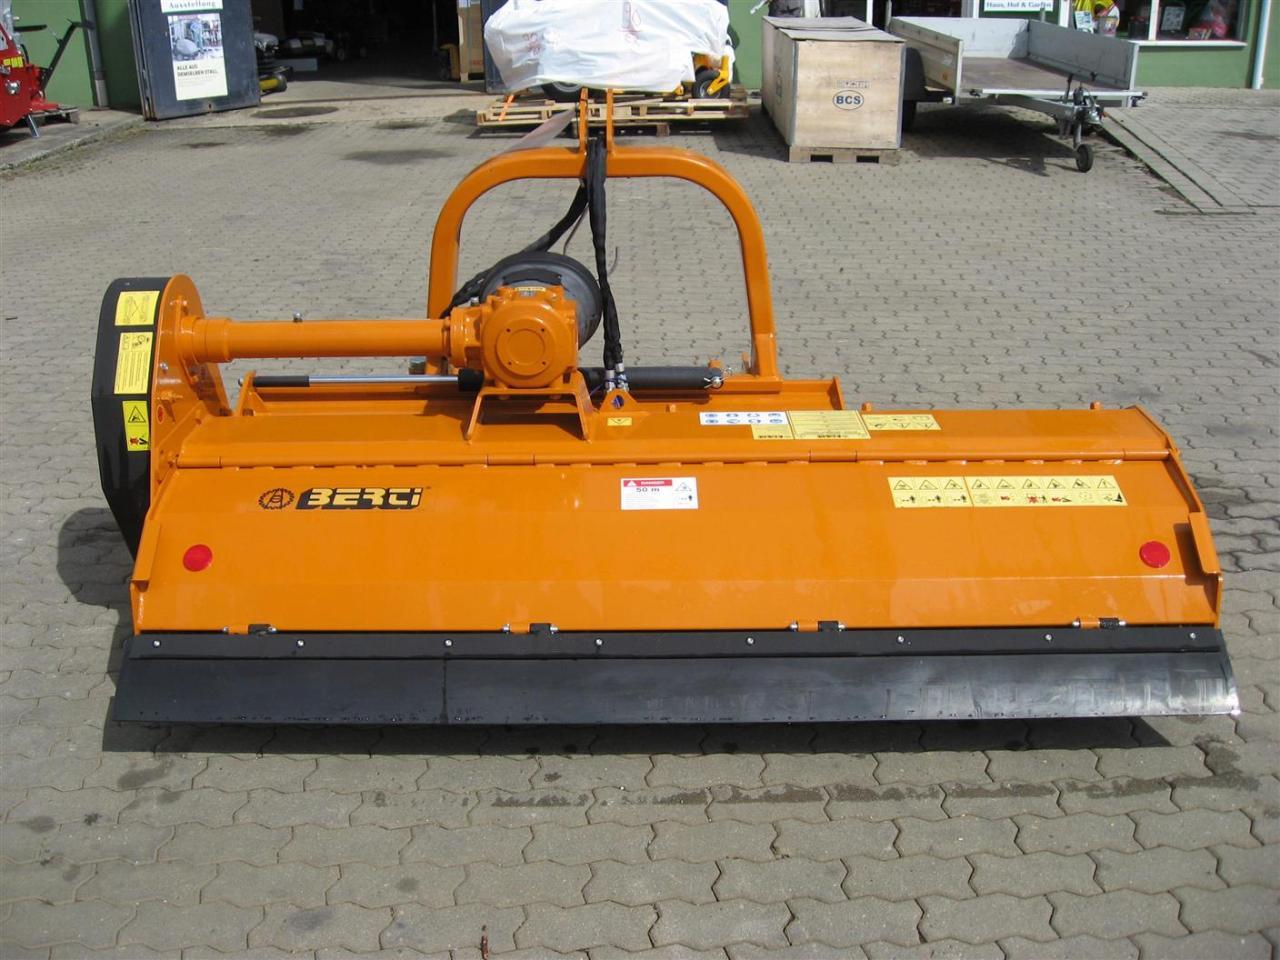 Berti TBM 220